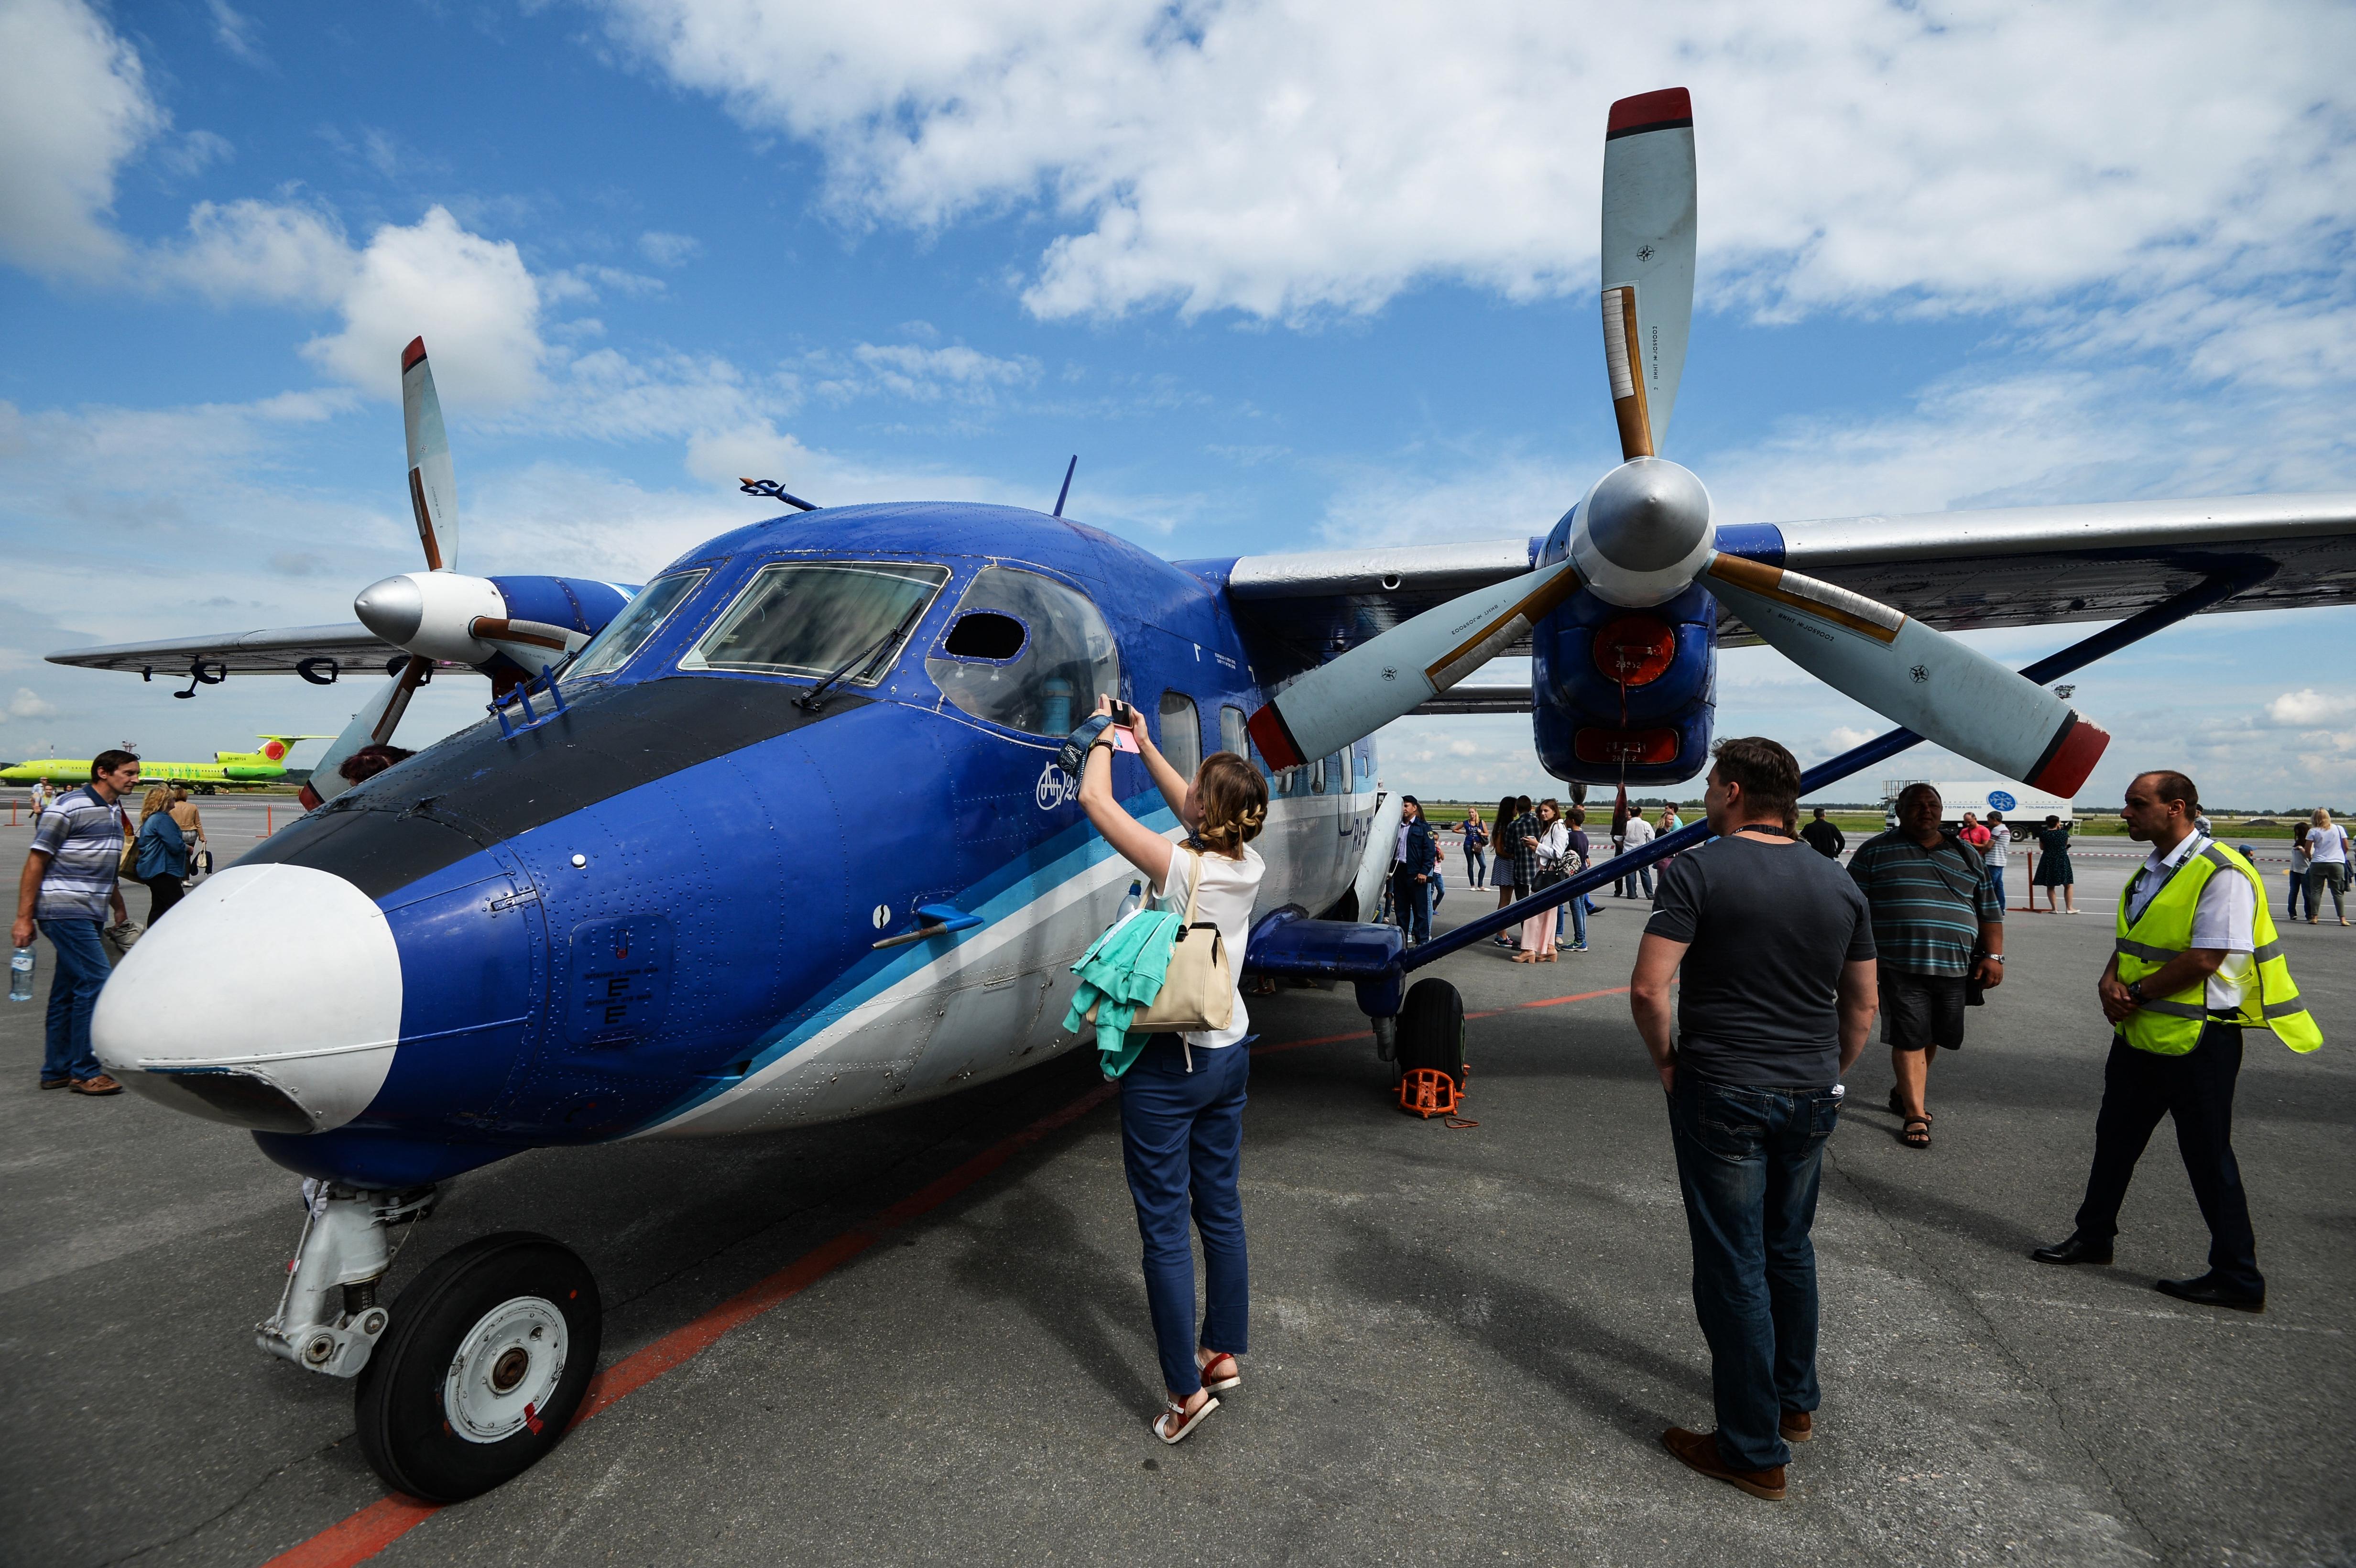 Kényszerleszállást hajtott végre Szibériában egy An-28-as utasszállító repülőgép